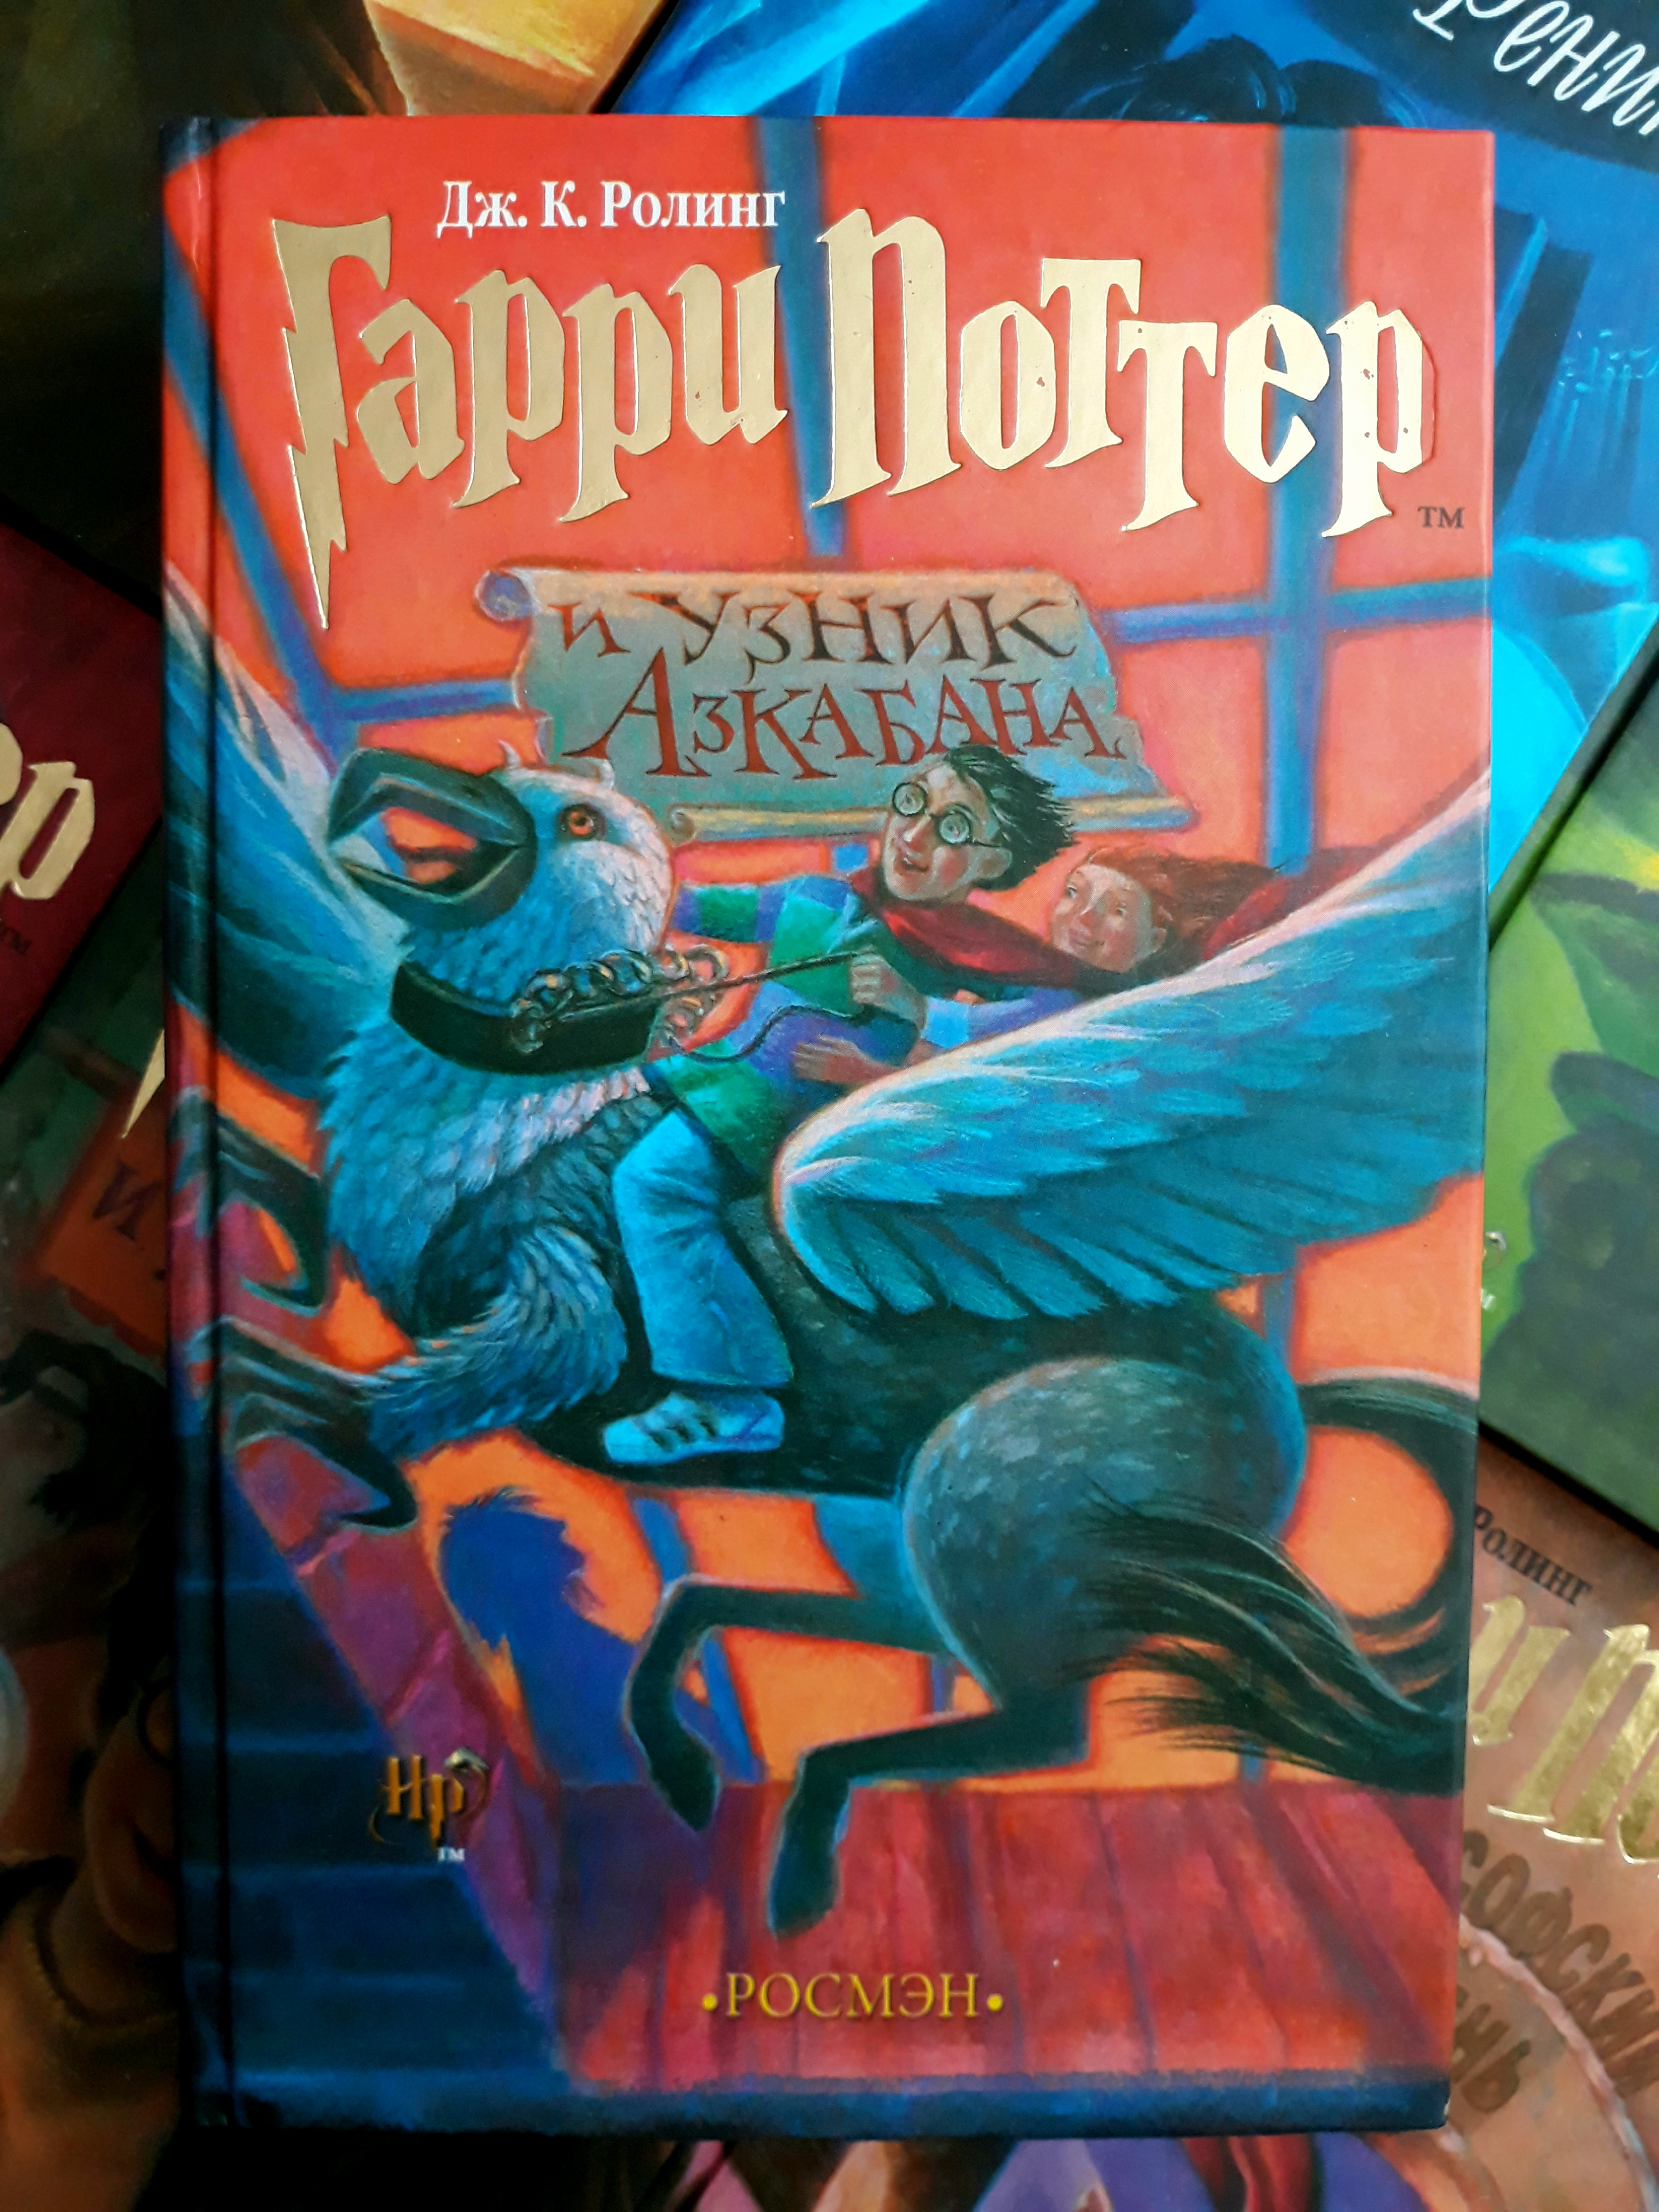 Купить книгу Гарри Поттер и узник Азкабана издательства ...